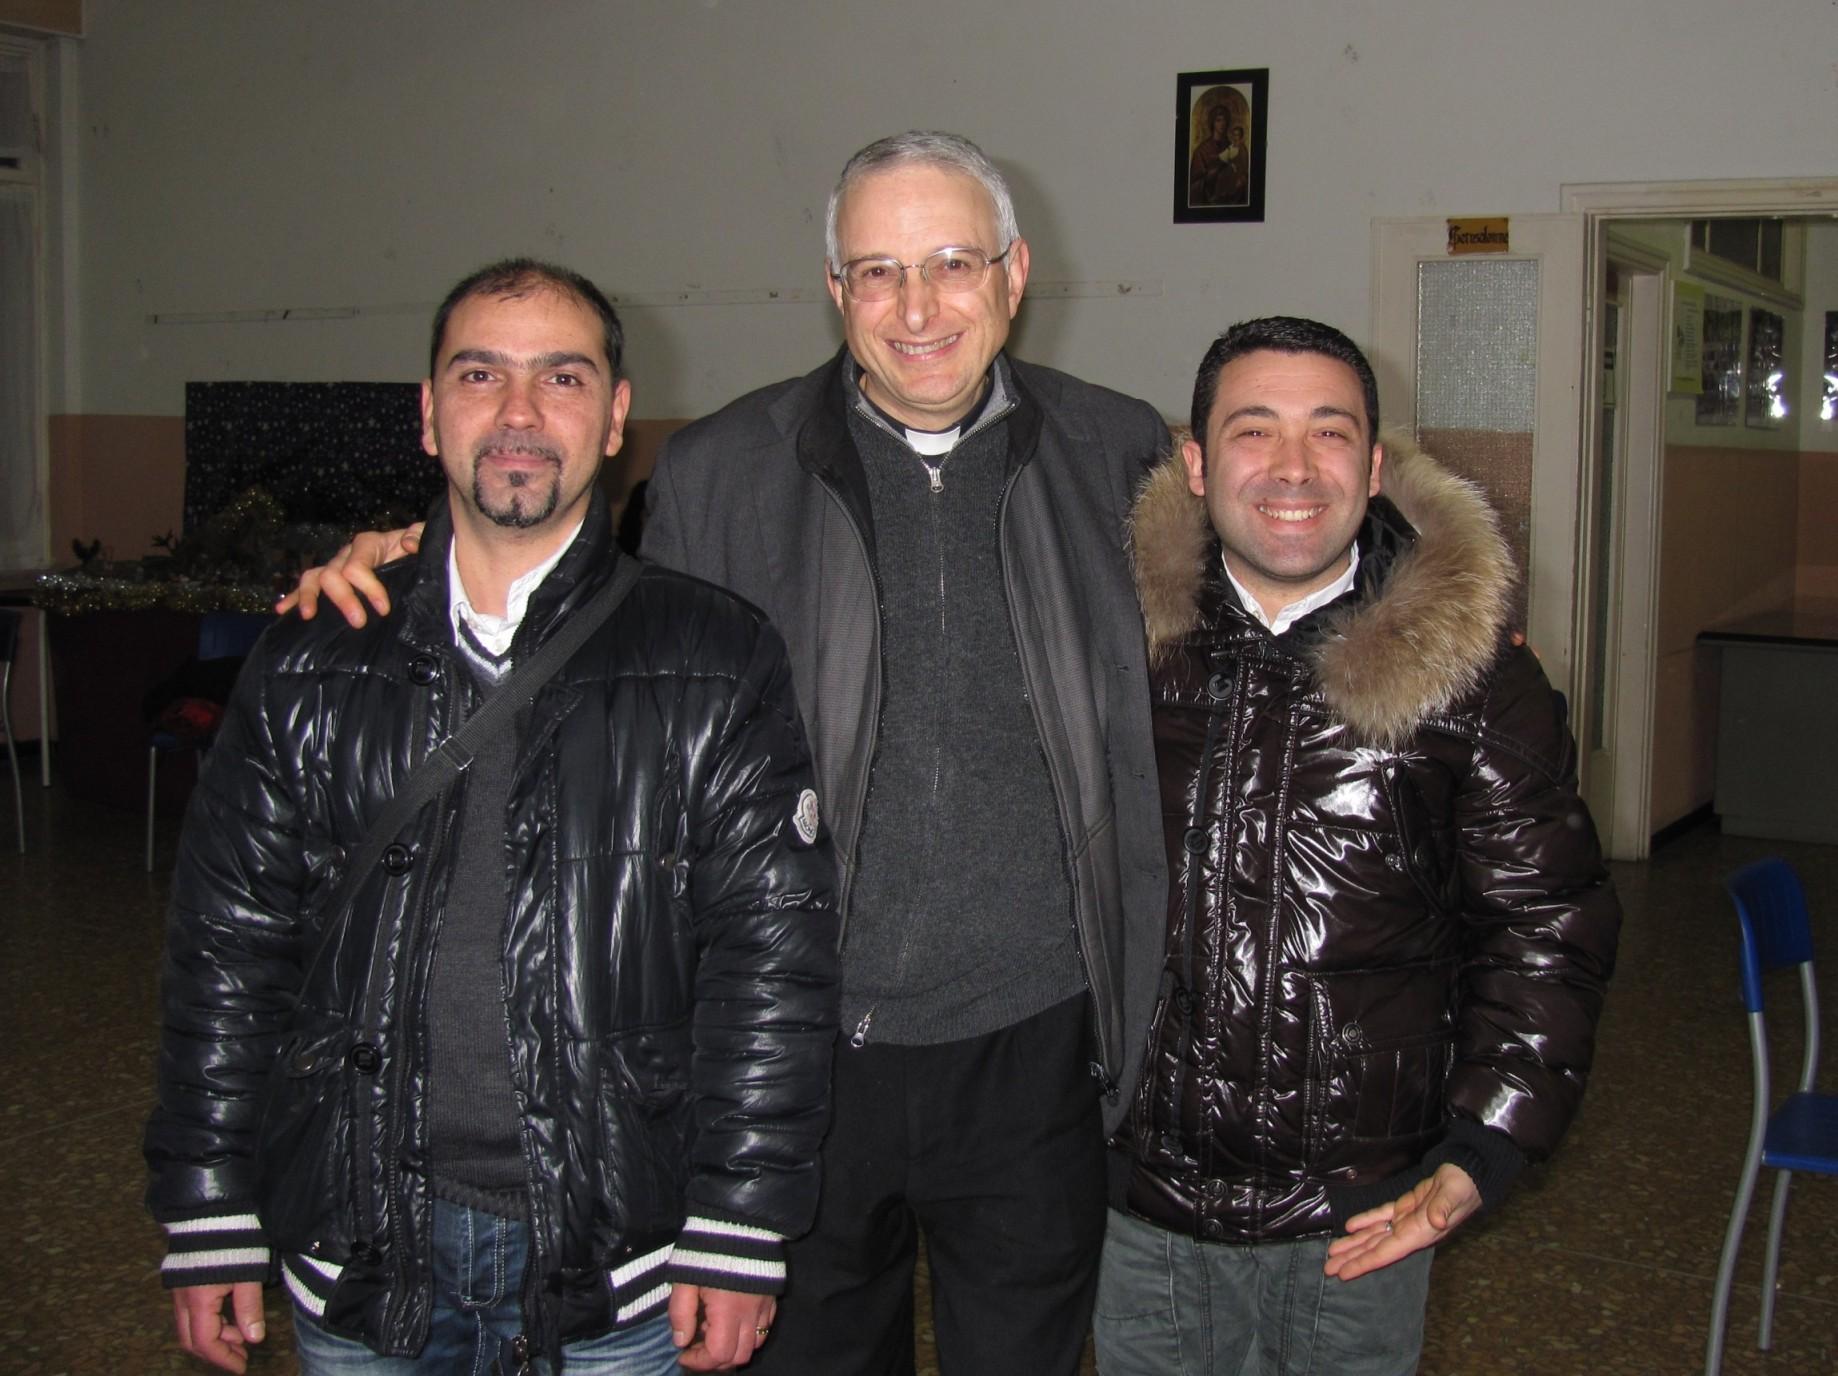 festa_battesimo_gesu_bambini_2012-01-22-17-17-00